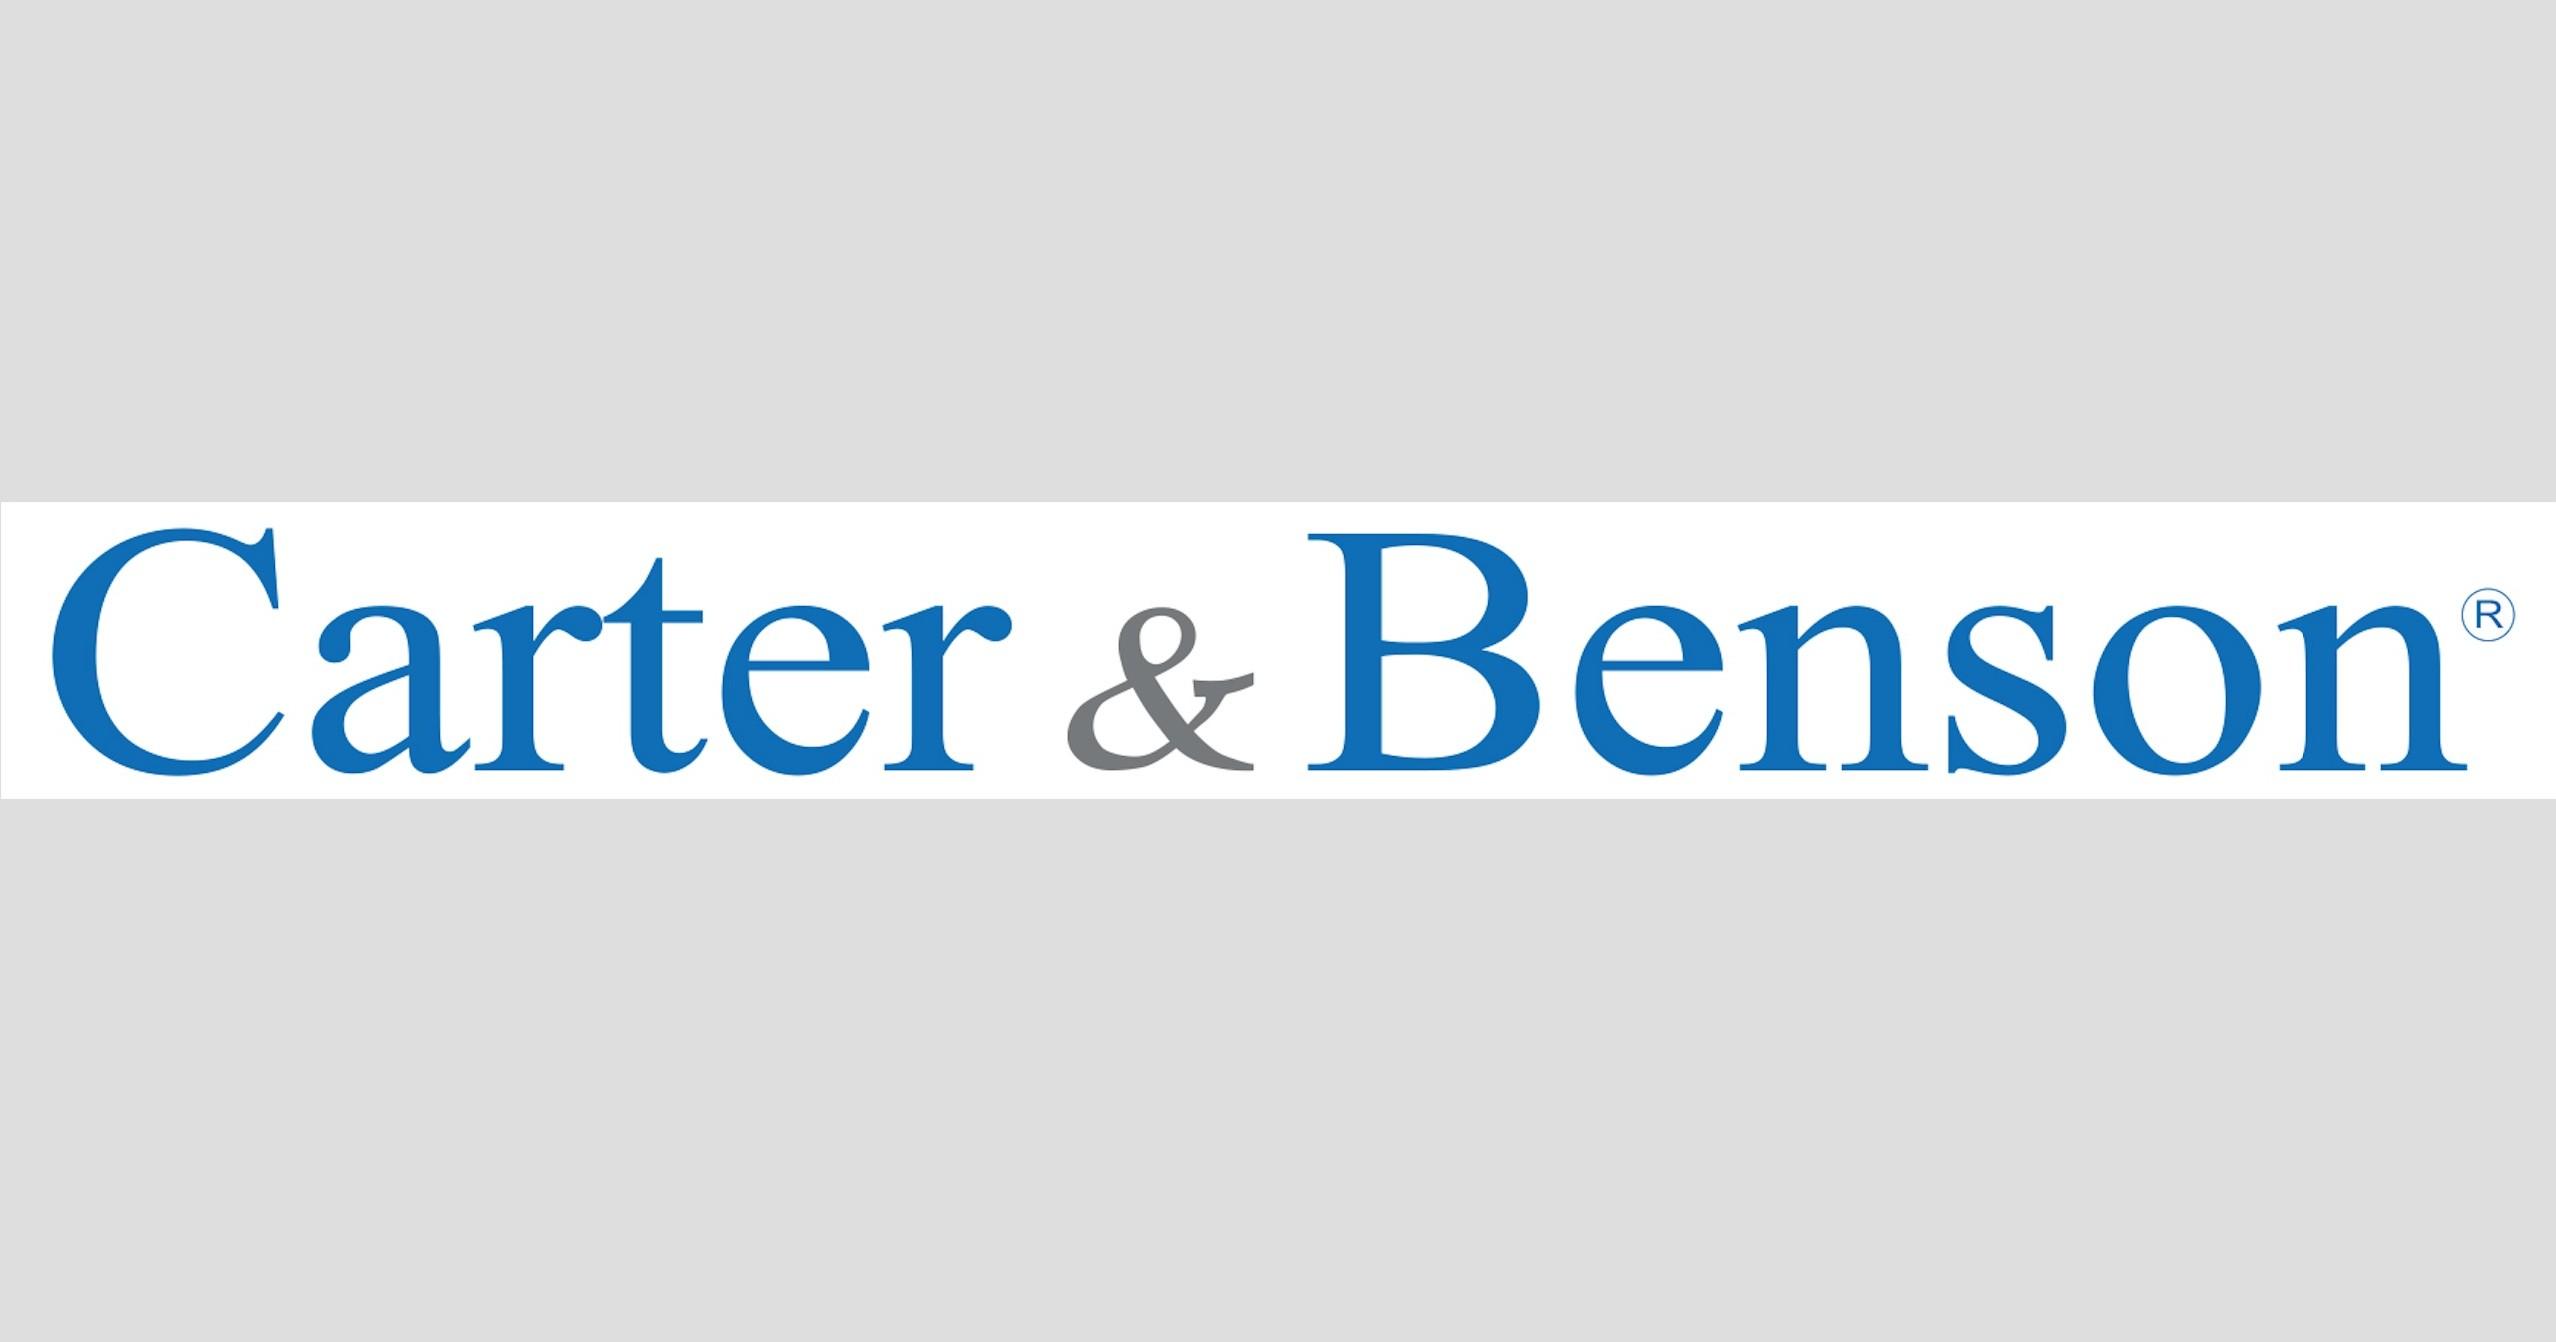 Carter&Benson RunsforEmma-CARTER & BENSON S.R.L.